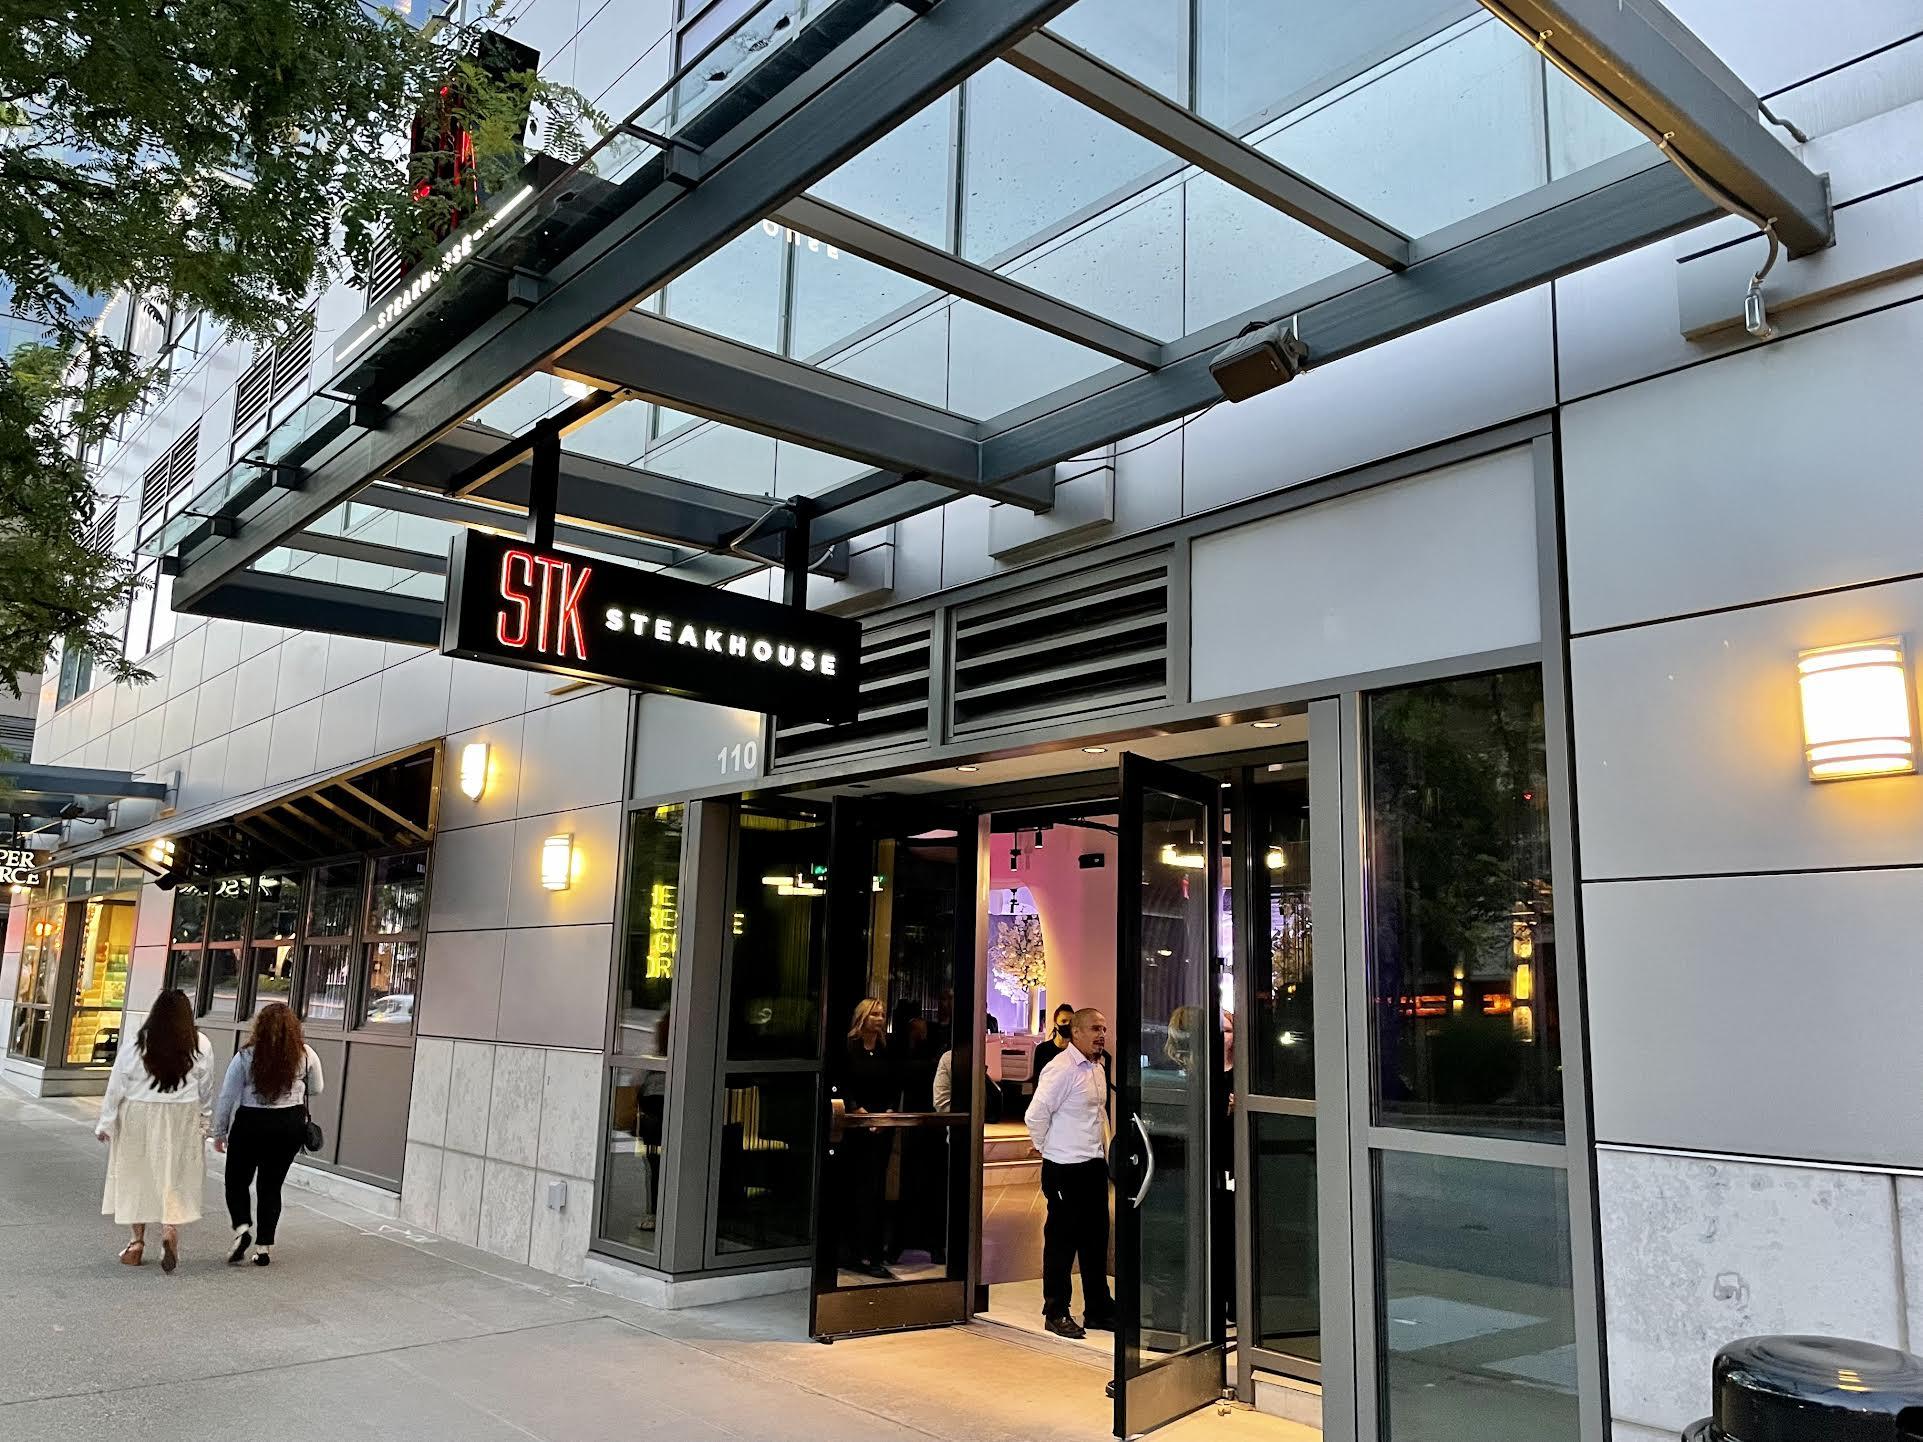 STK Steakhouse Bellevue